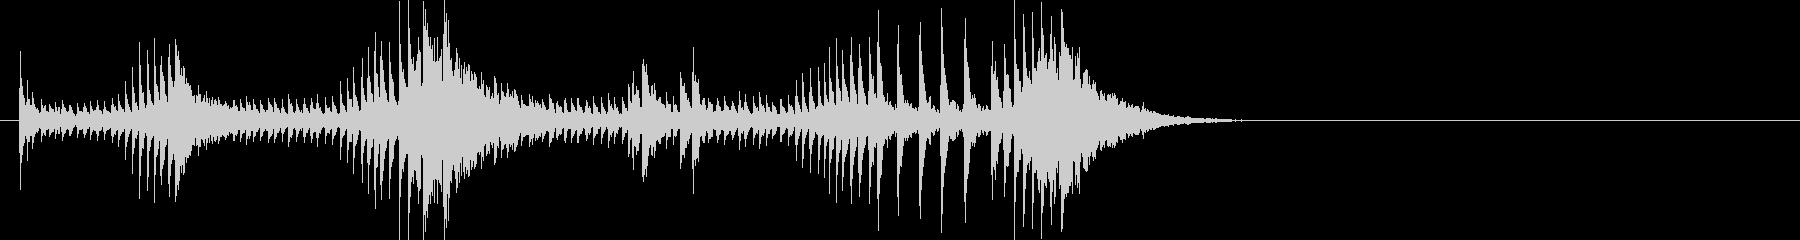 登場 ドラムロールの未再生の波形